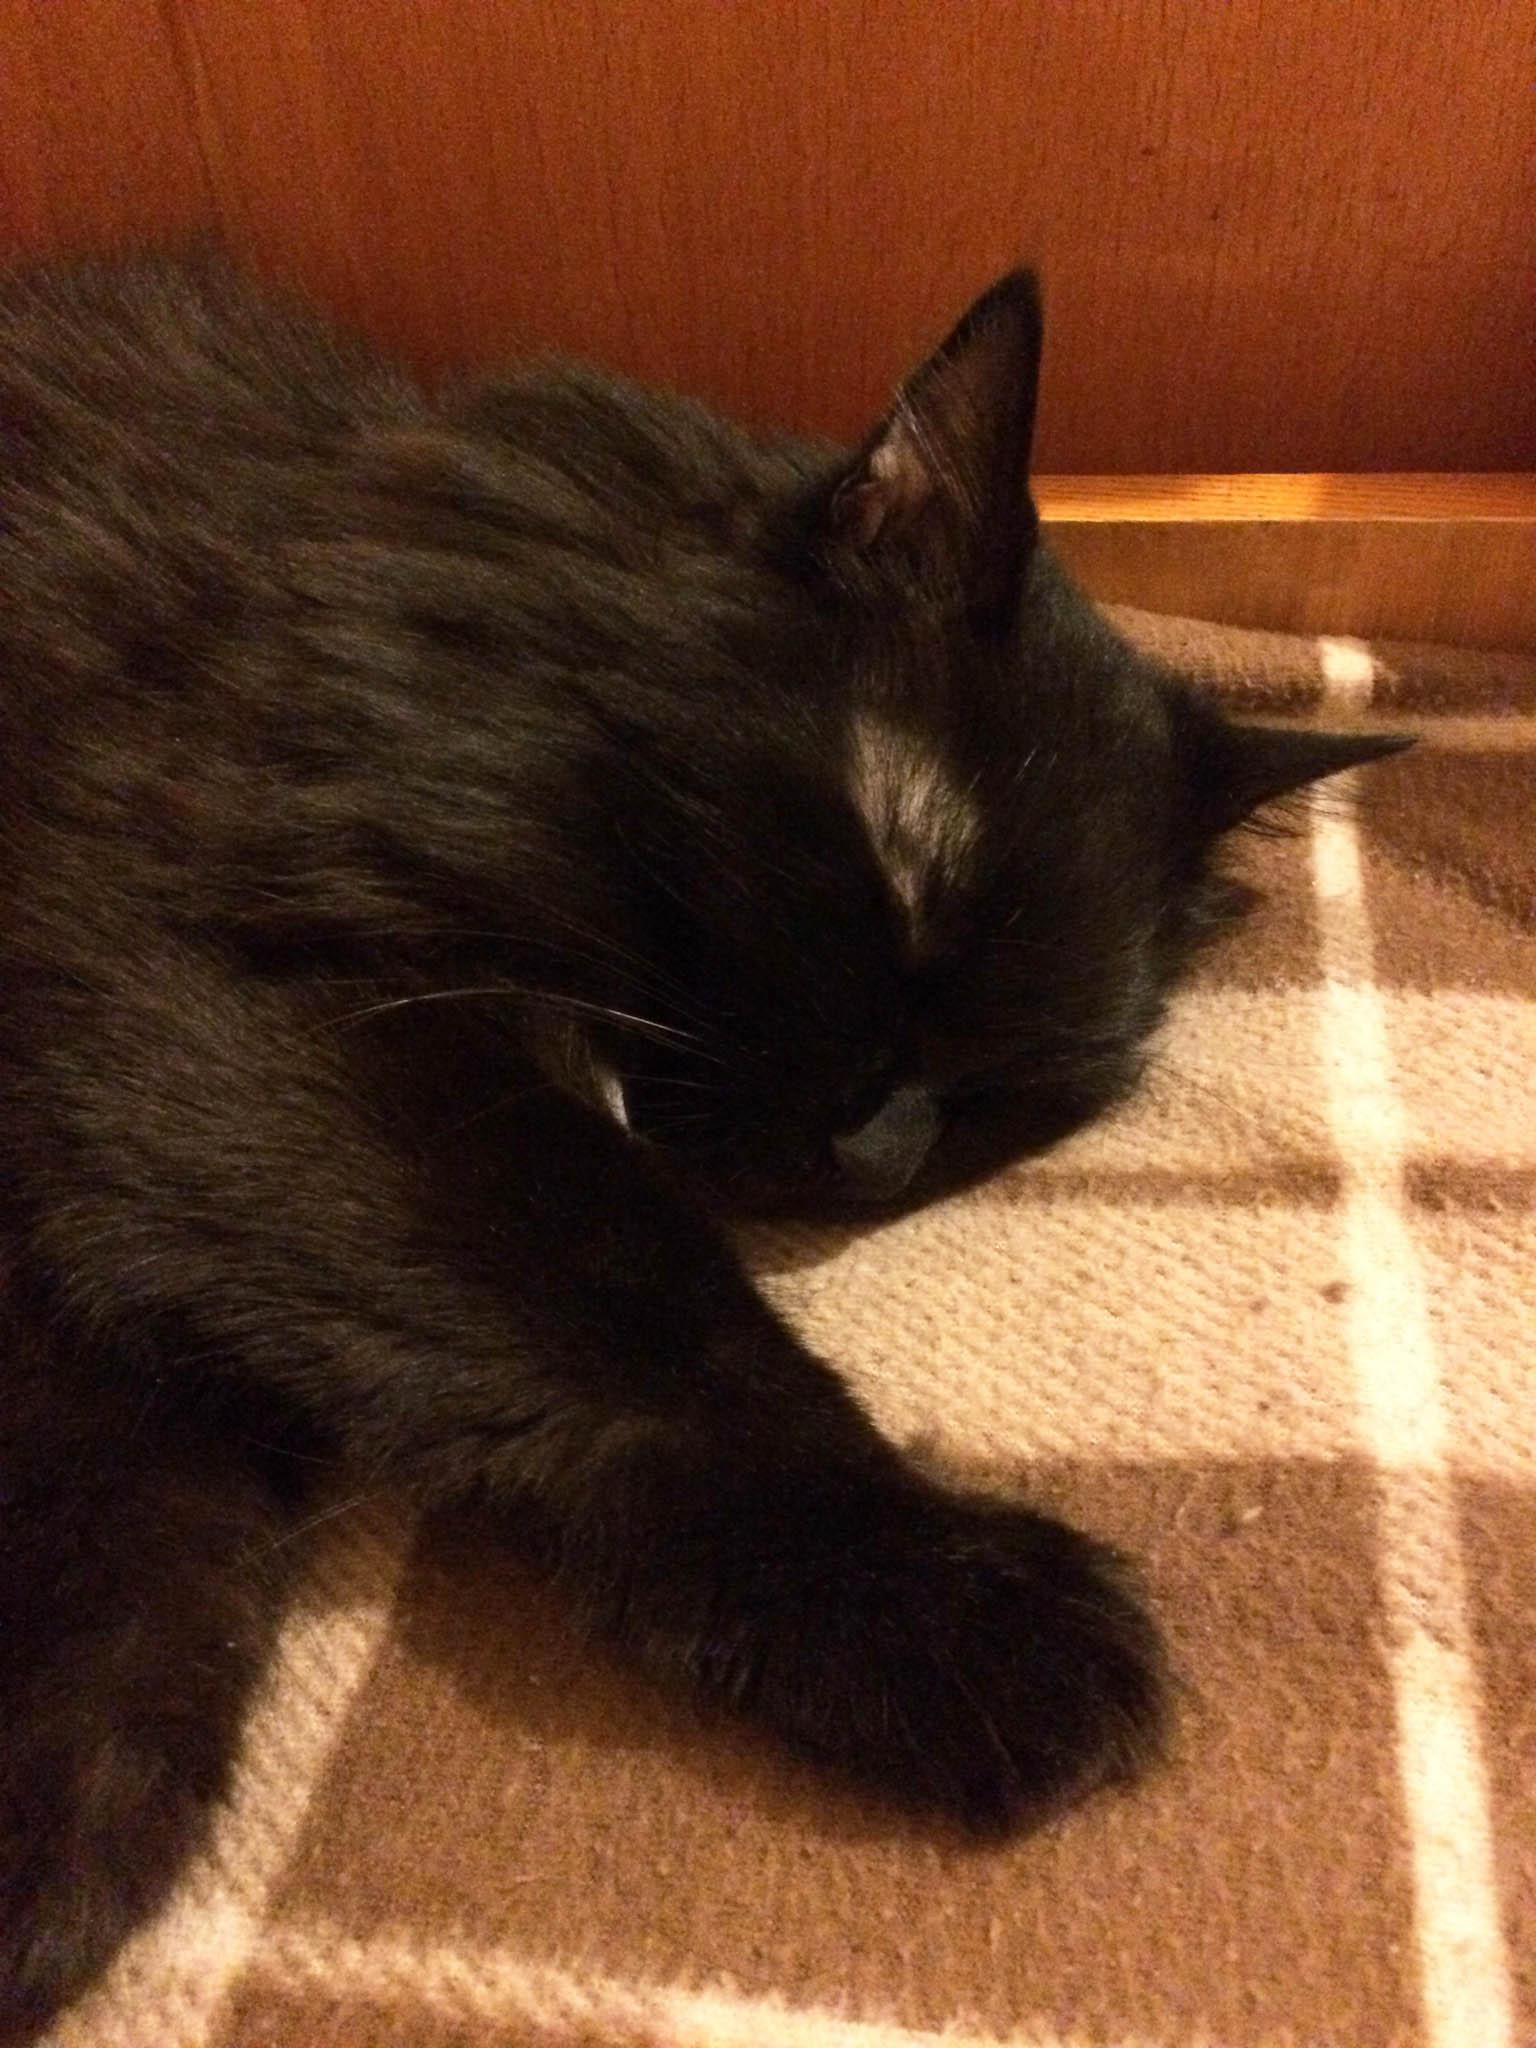 Как похоронить кошку и где правильно это сделать